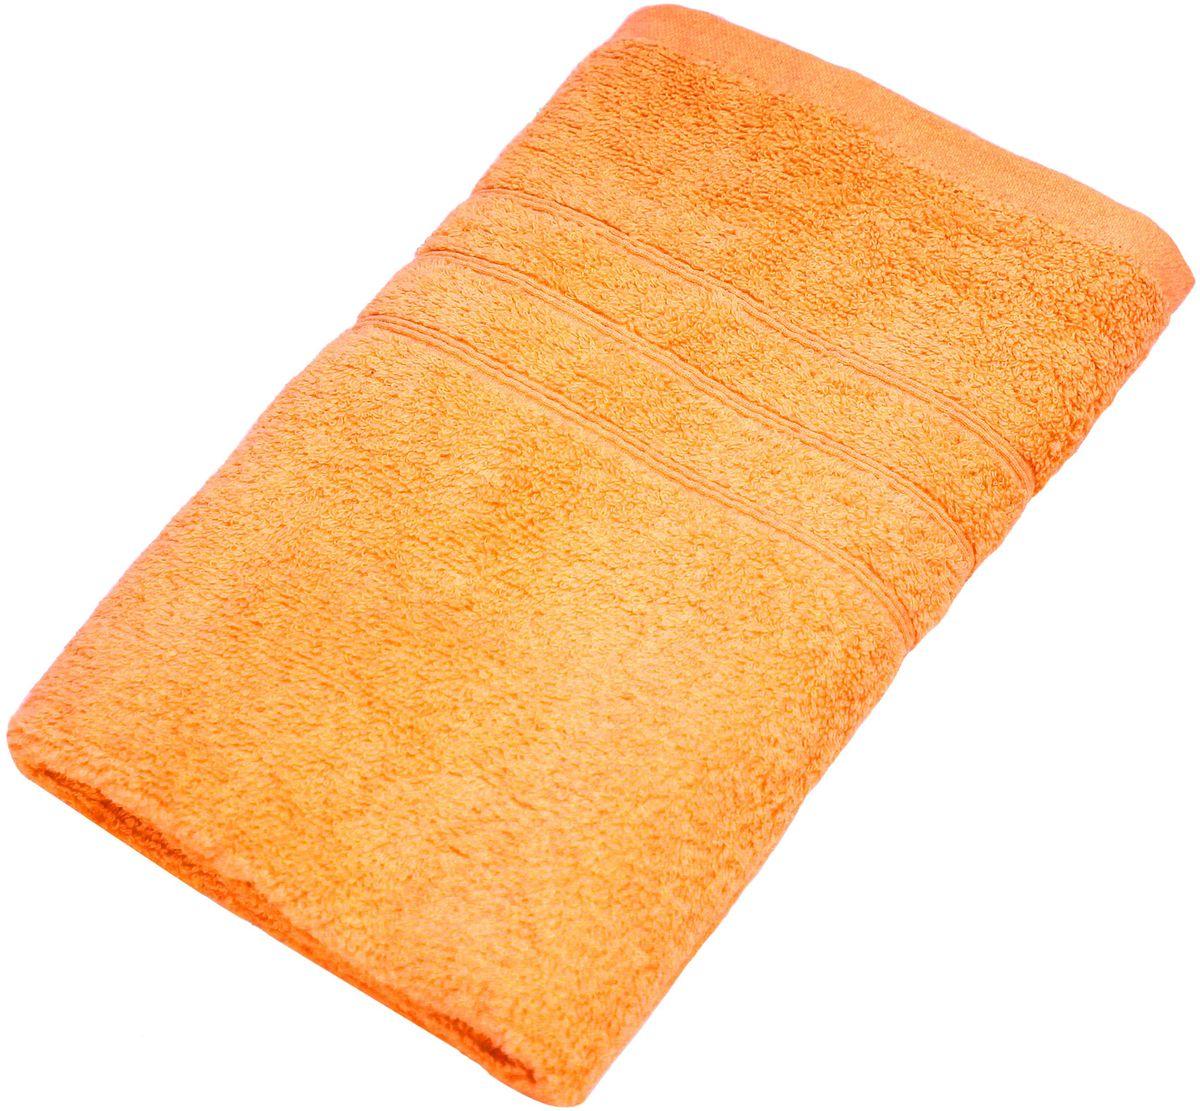 Полотенце Proffi Home Модерн, цвет: оранжевый, 50 x 100 смPH3271Мягкое махровое полотенцеProffi Home Модерн отлично впитывает влагу и быстро сохнет, приятно в него завернуться после принятия ванны или посещения сауны. Поэтому данное махровое полотенце можно использовать в качестве душевого, банного или пляжного полотенца. Состав: 100% хлопок.